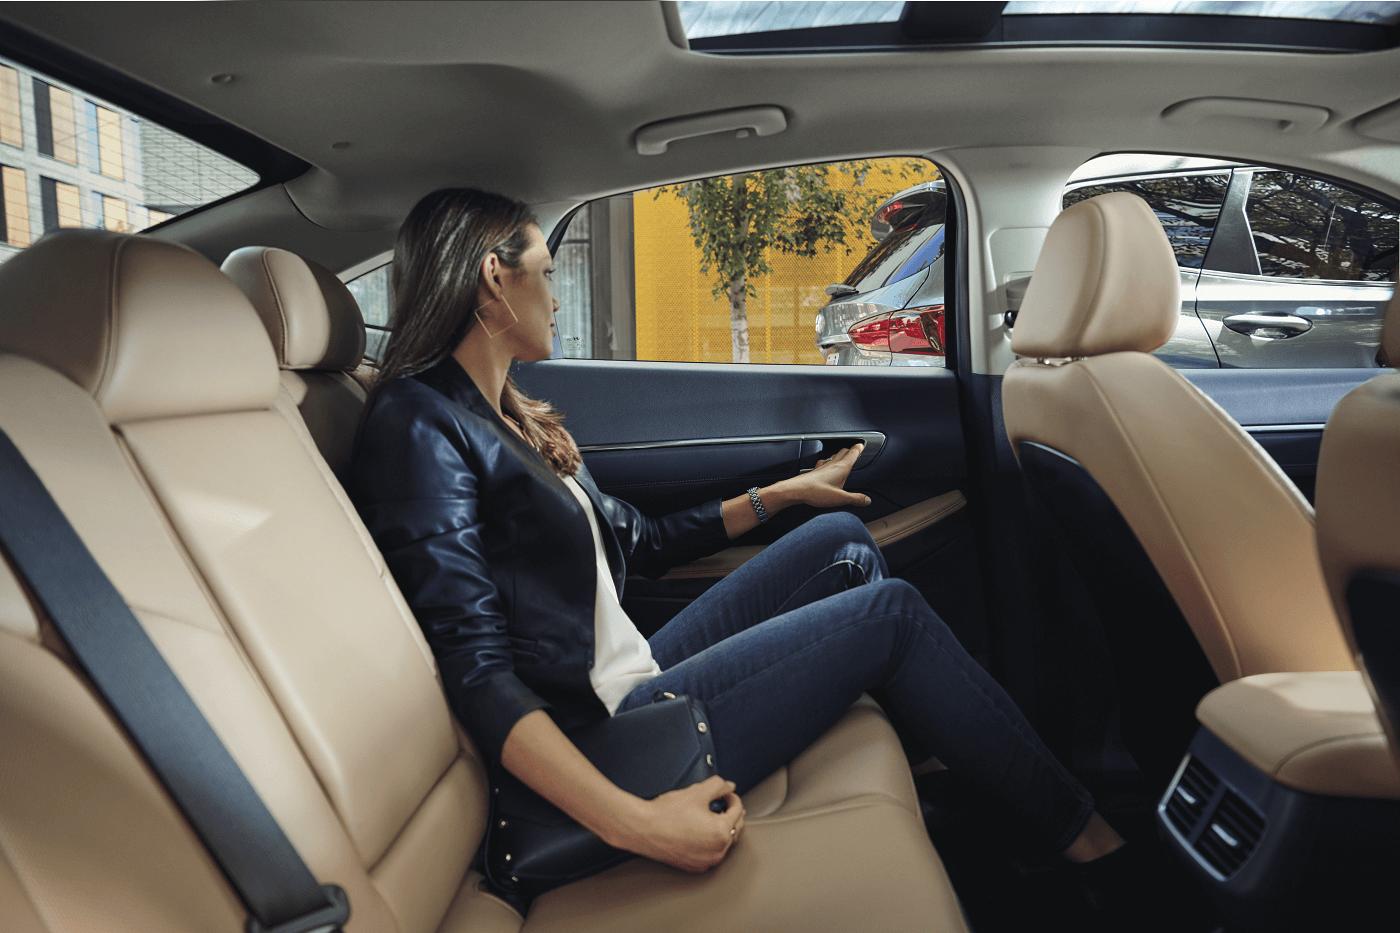 Person Sitting in Back of Hyundai Sonata Interior Cabin